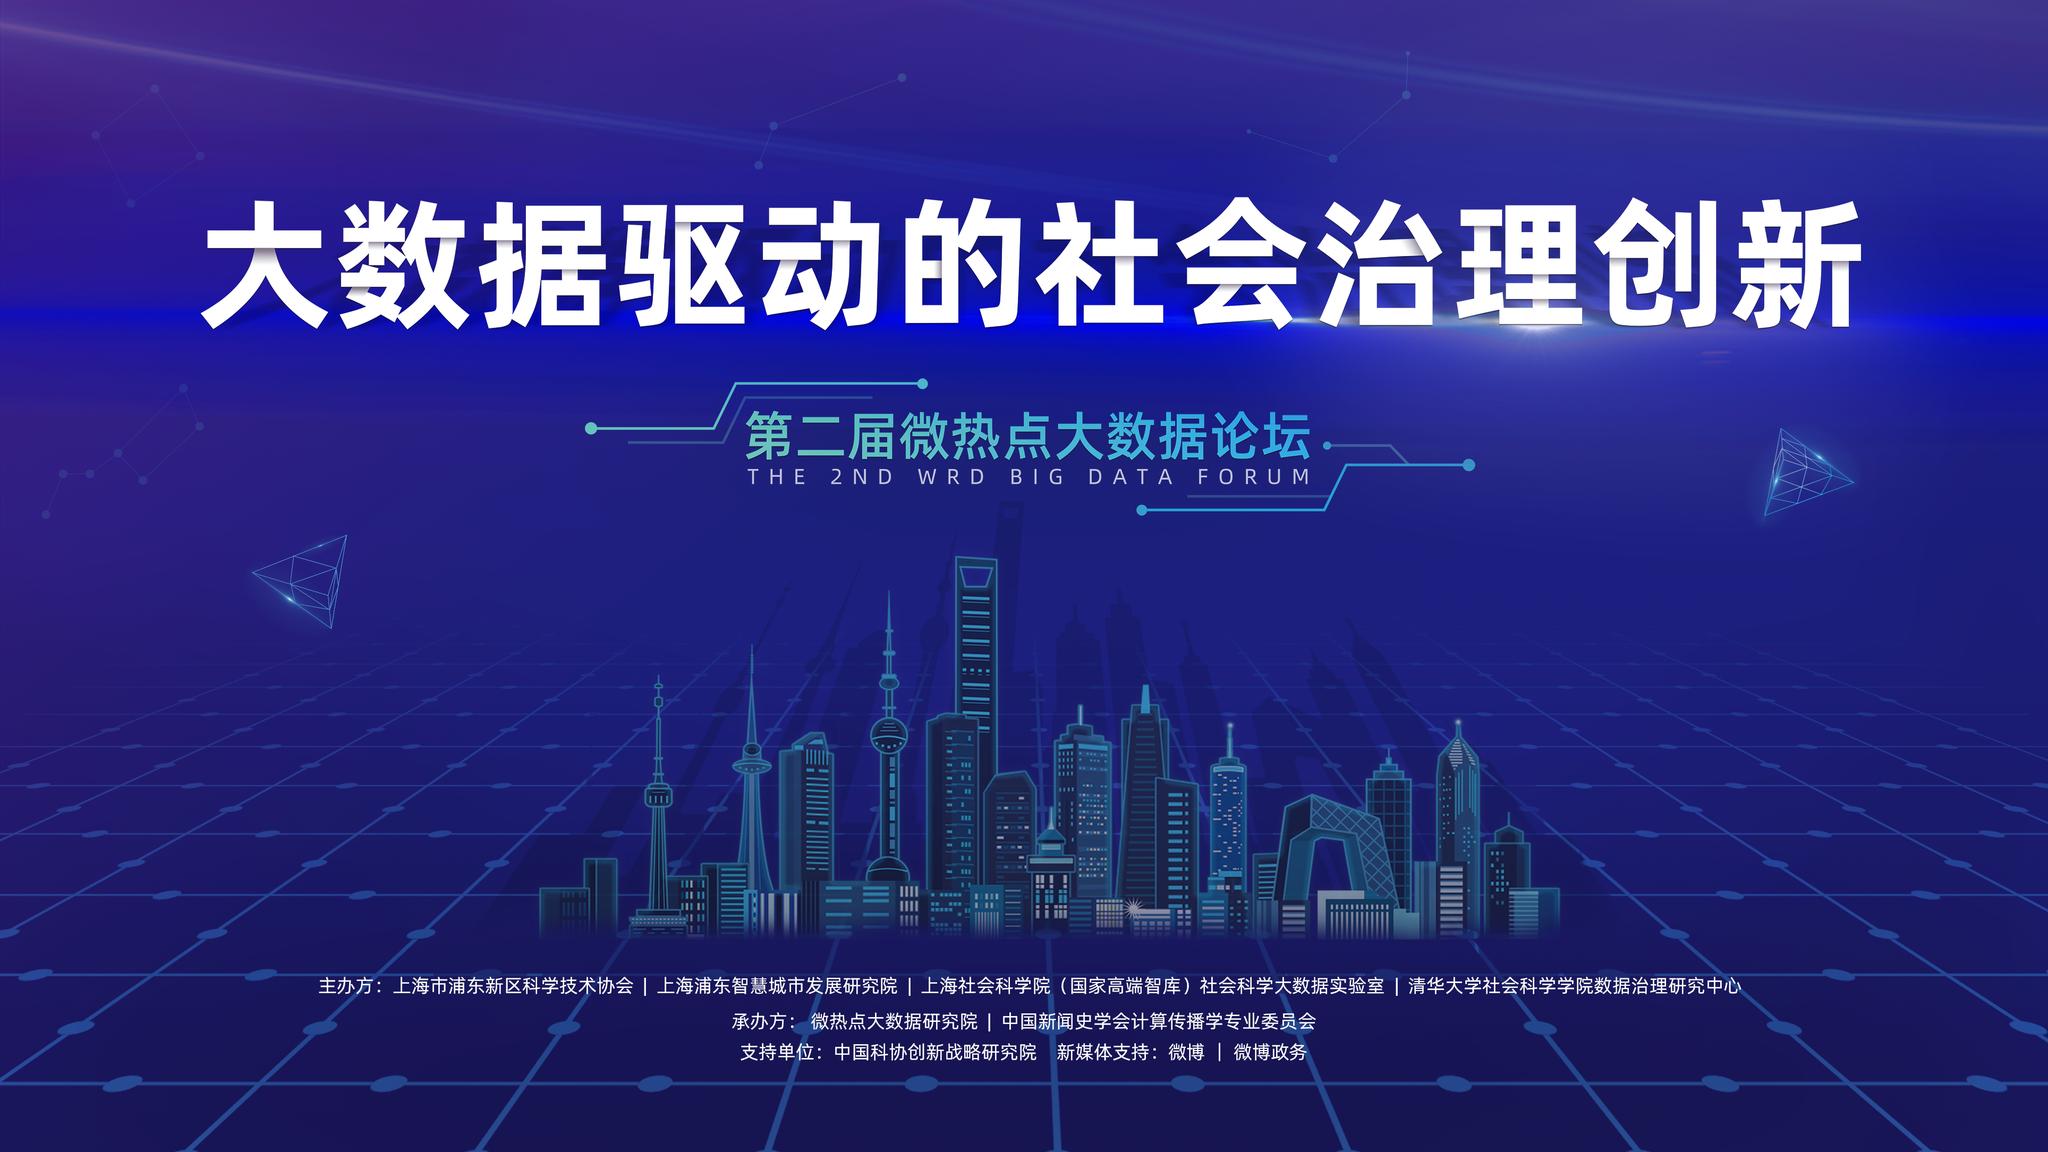 第二届微热点大数据论坛将于9月5日开幕